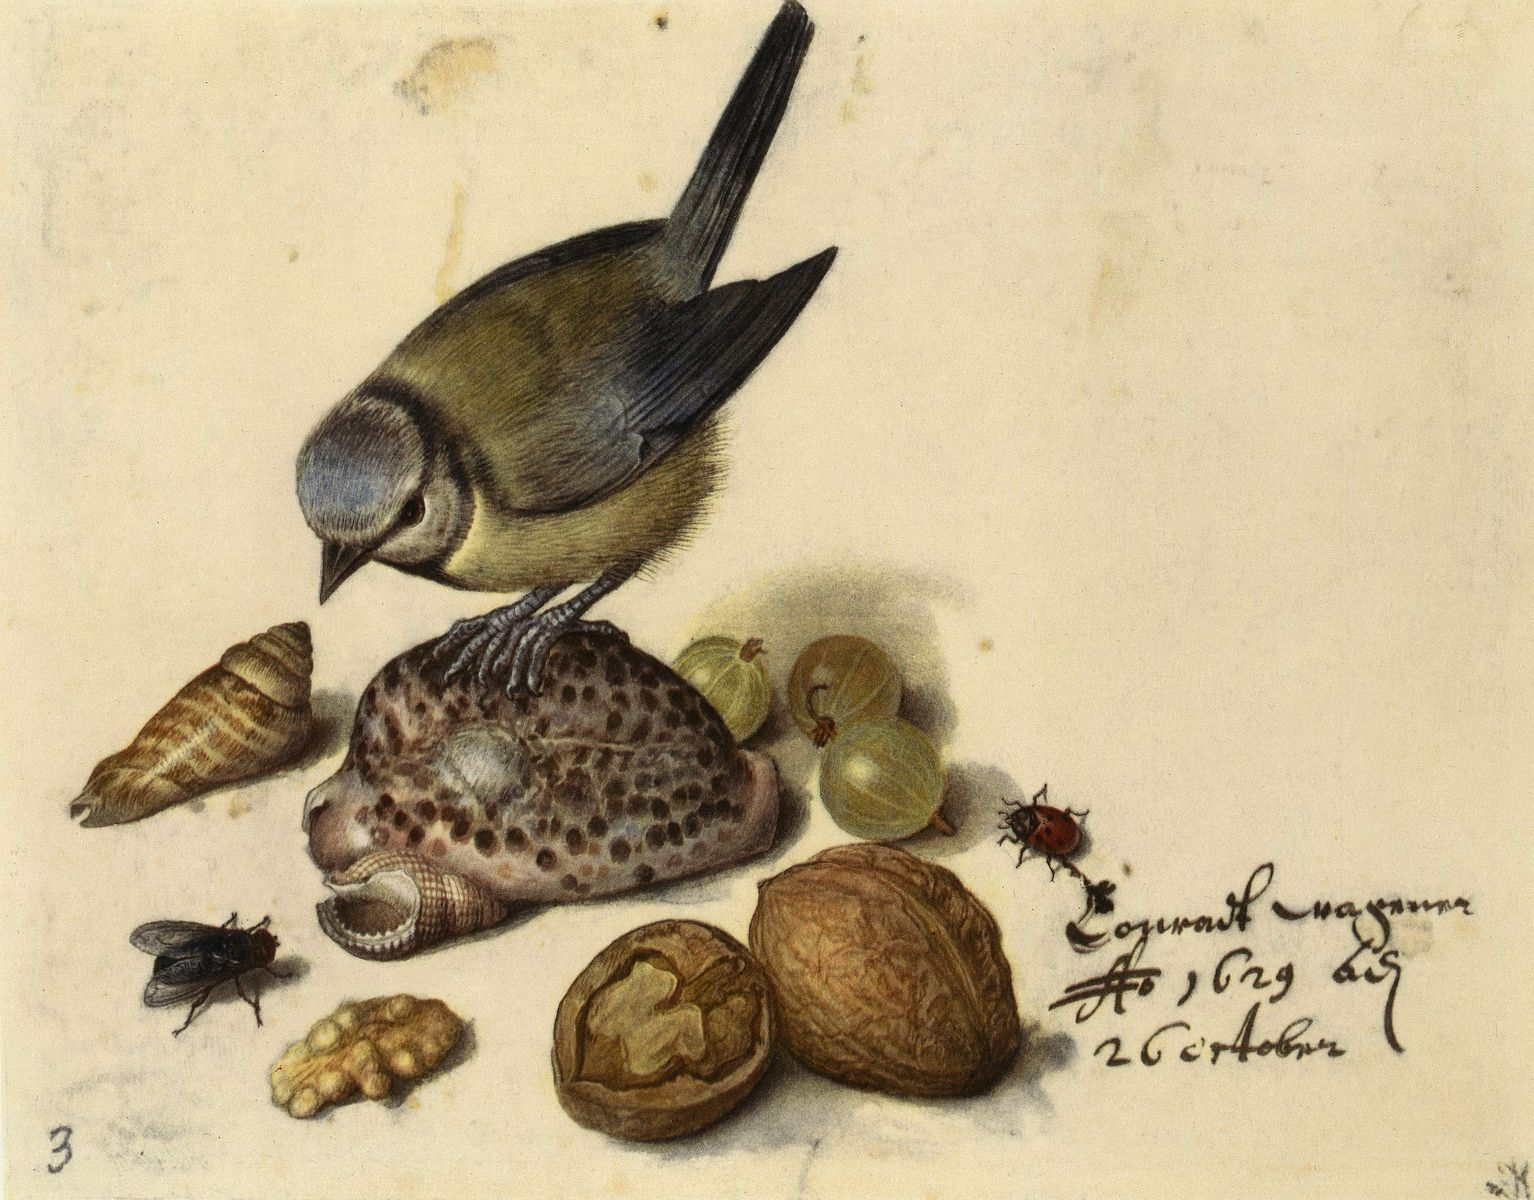 Georg Flegel: Stilleben mit Blaumeise, Muscheln, Früchten und Insekten (1629) (c) bpk / Kupferstichkabinett, SMB / Jörg P. Anders